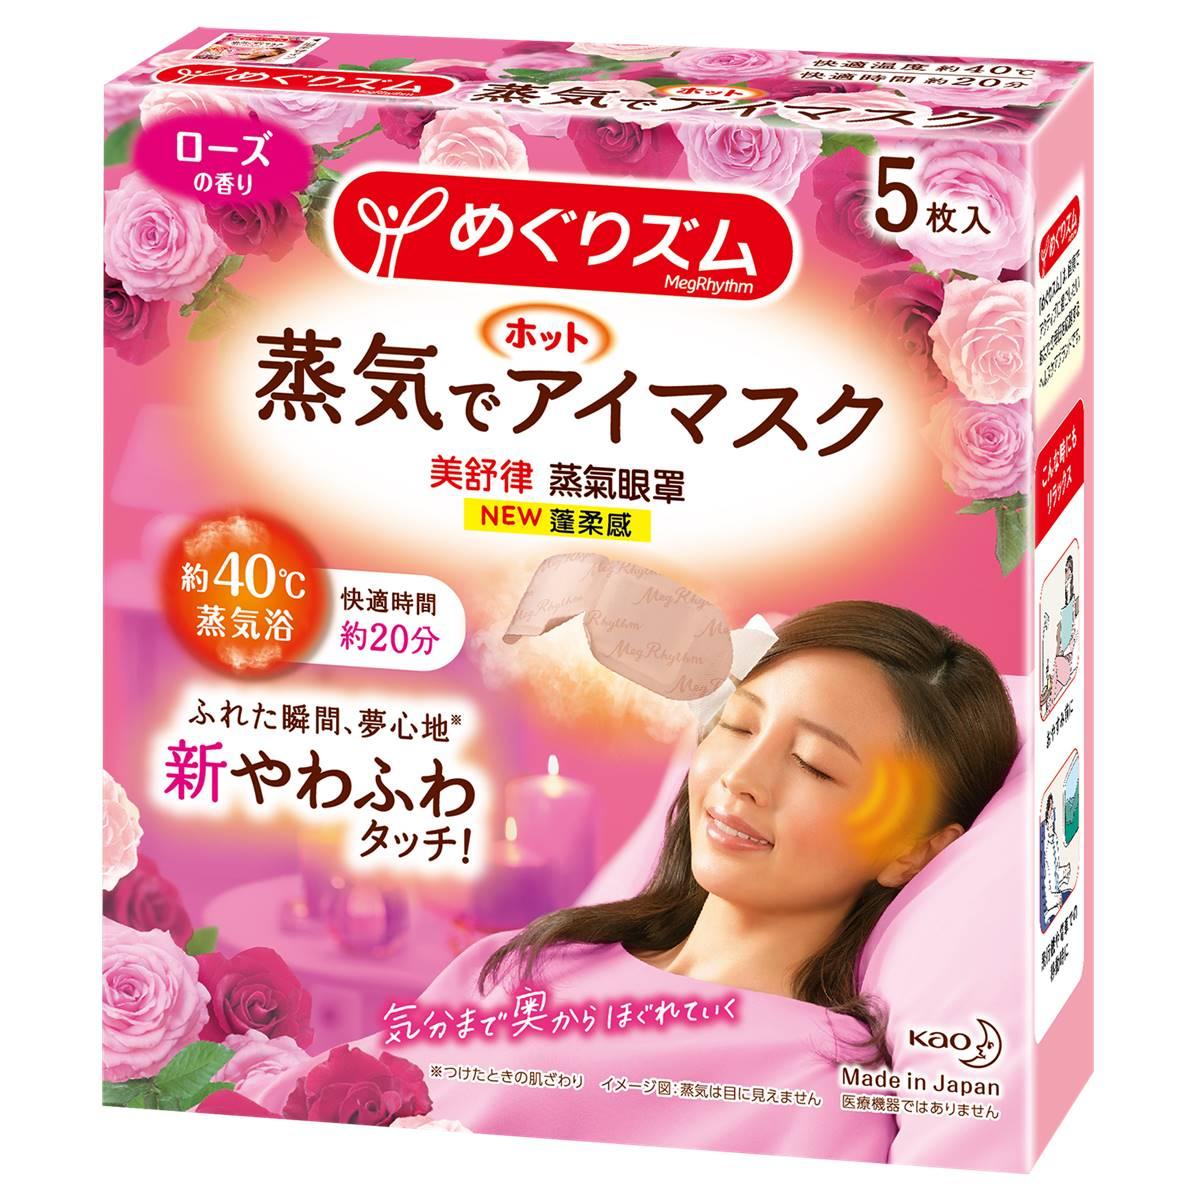 美舒律蒸氣眼罩玫瑰花香5片裝